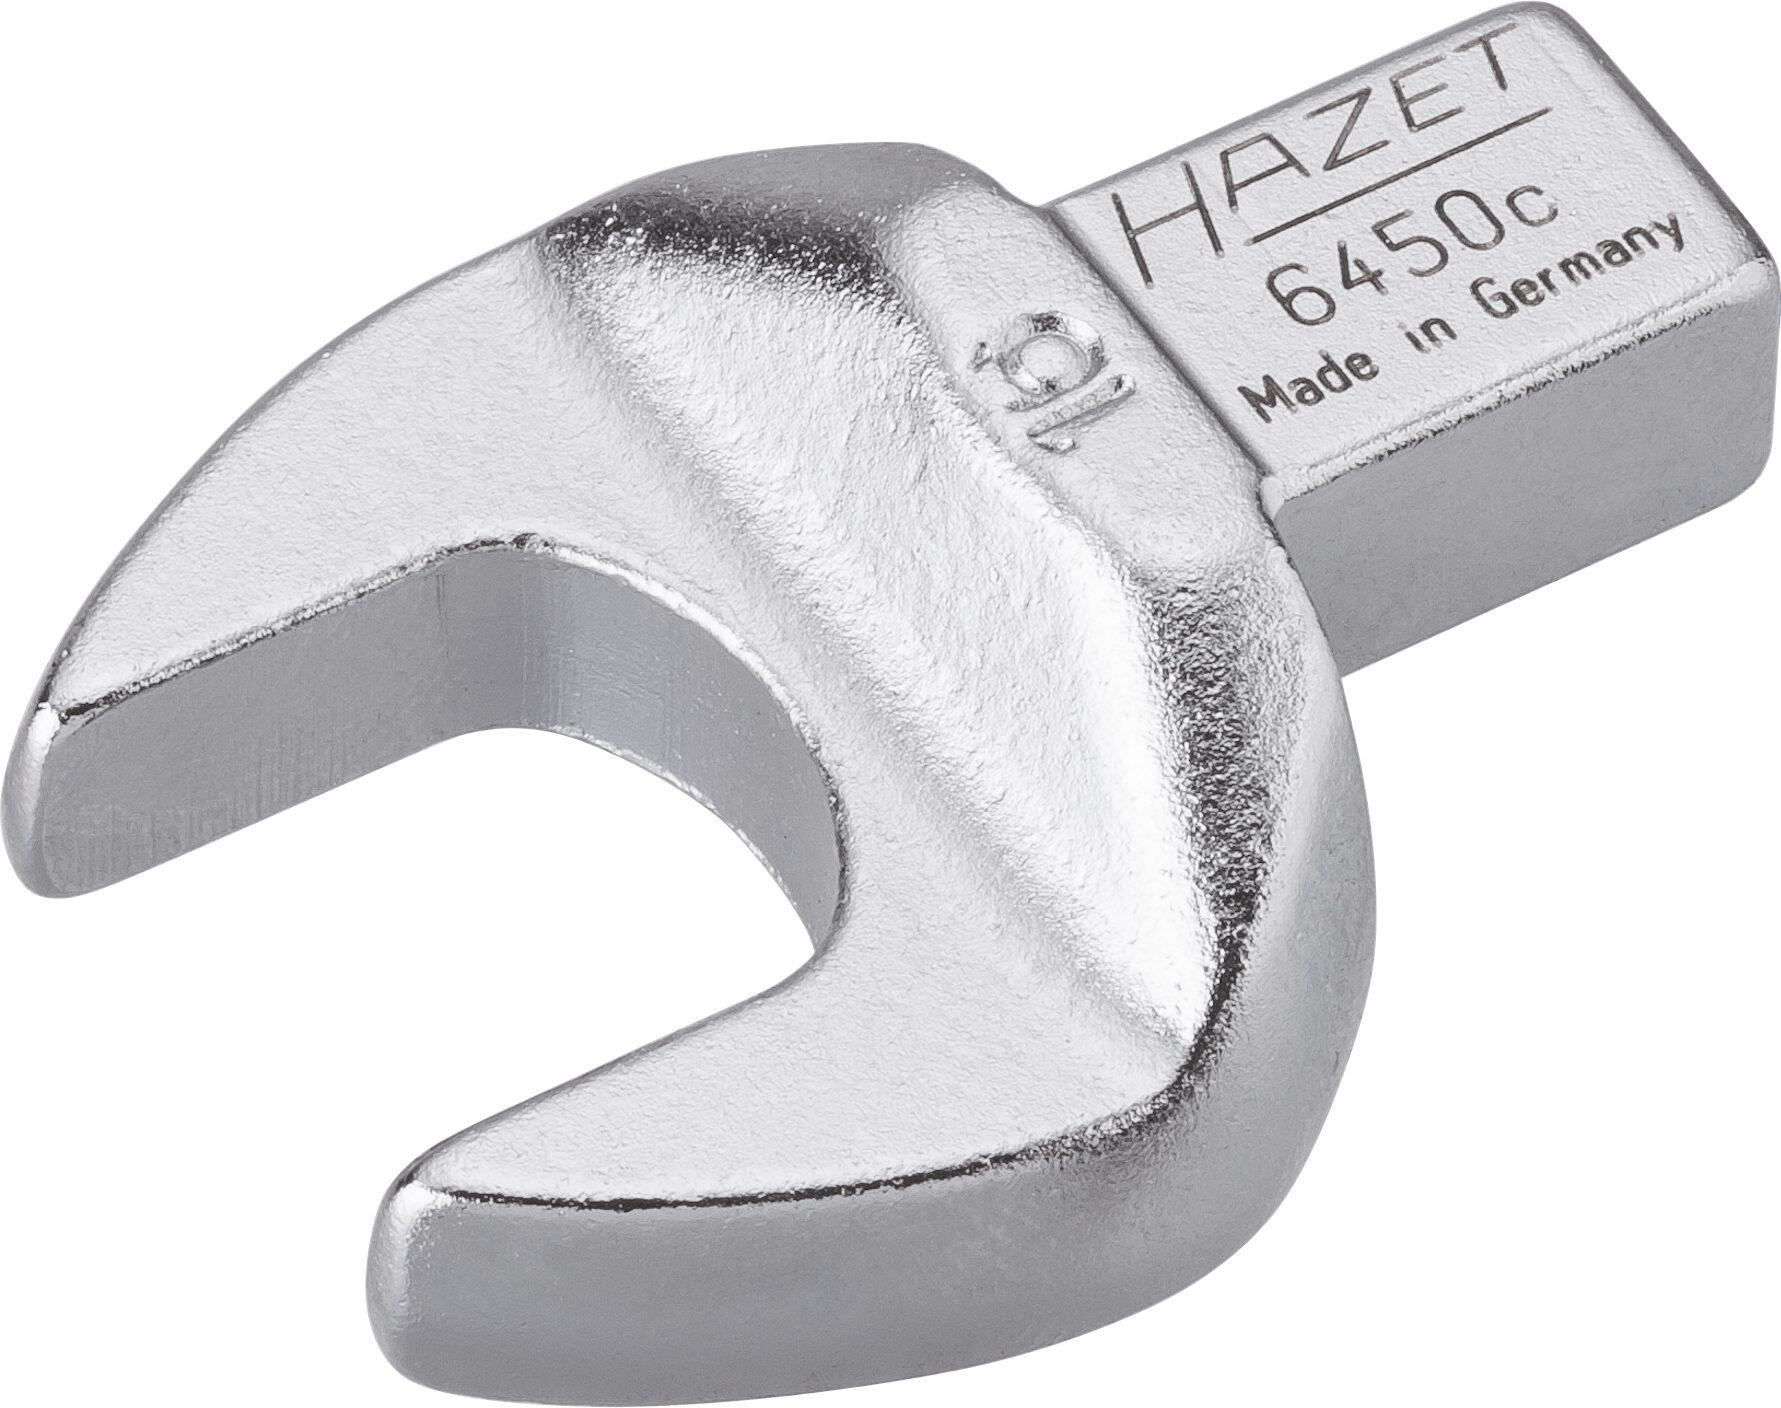 HAZET Einsteck-Maulschlüssel 6450C-16 ∙ Einsteck-Vierkant 9 x 12 mm ∙ Außen-Sechskant Profil ∙ 16 mm